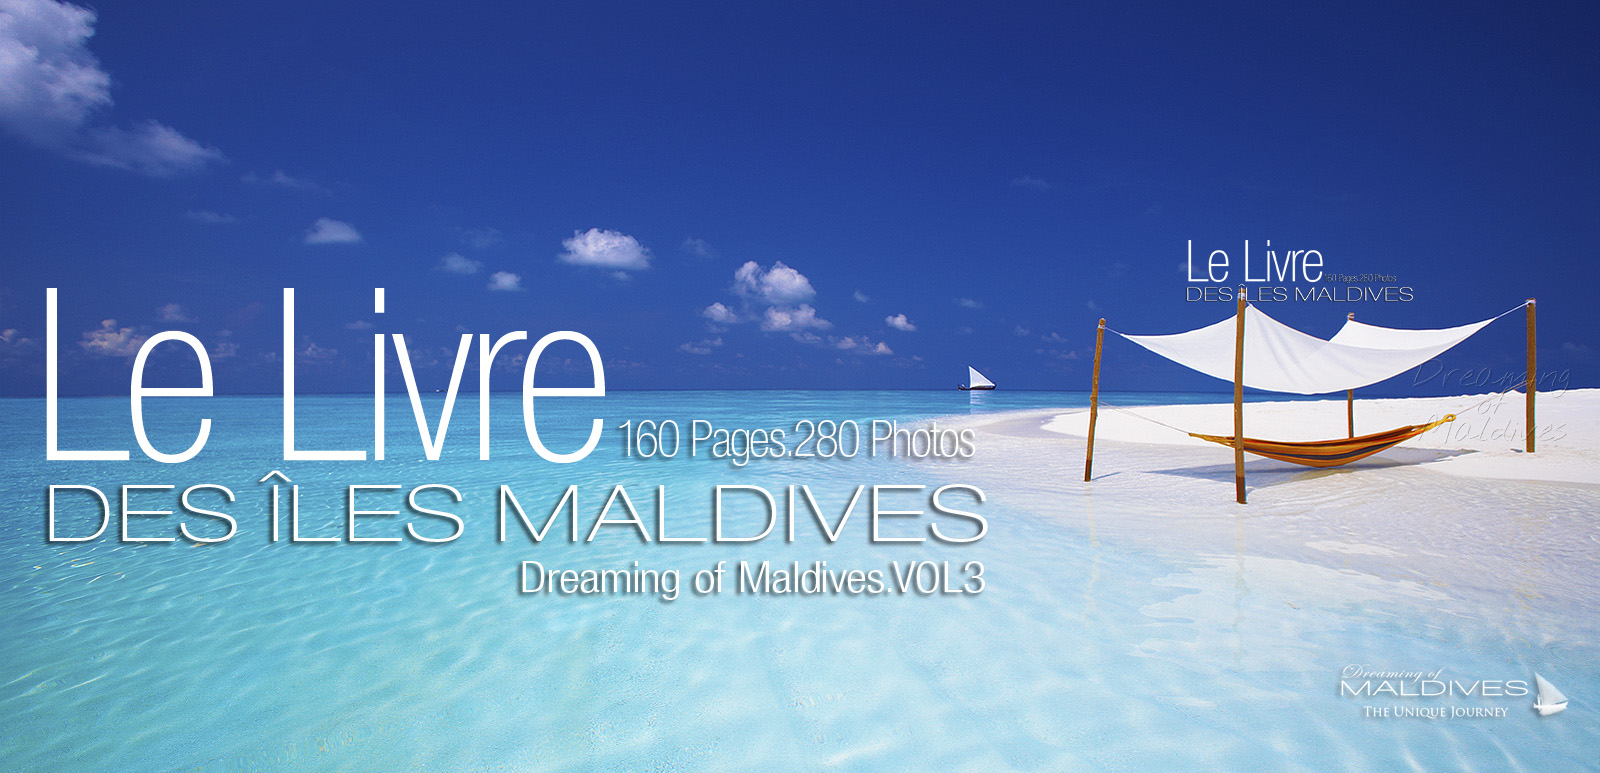 Livre de Photos des Îles Maldives Dreaming of Maldives